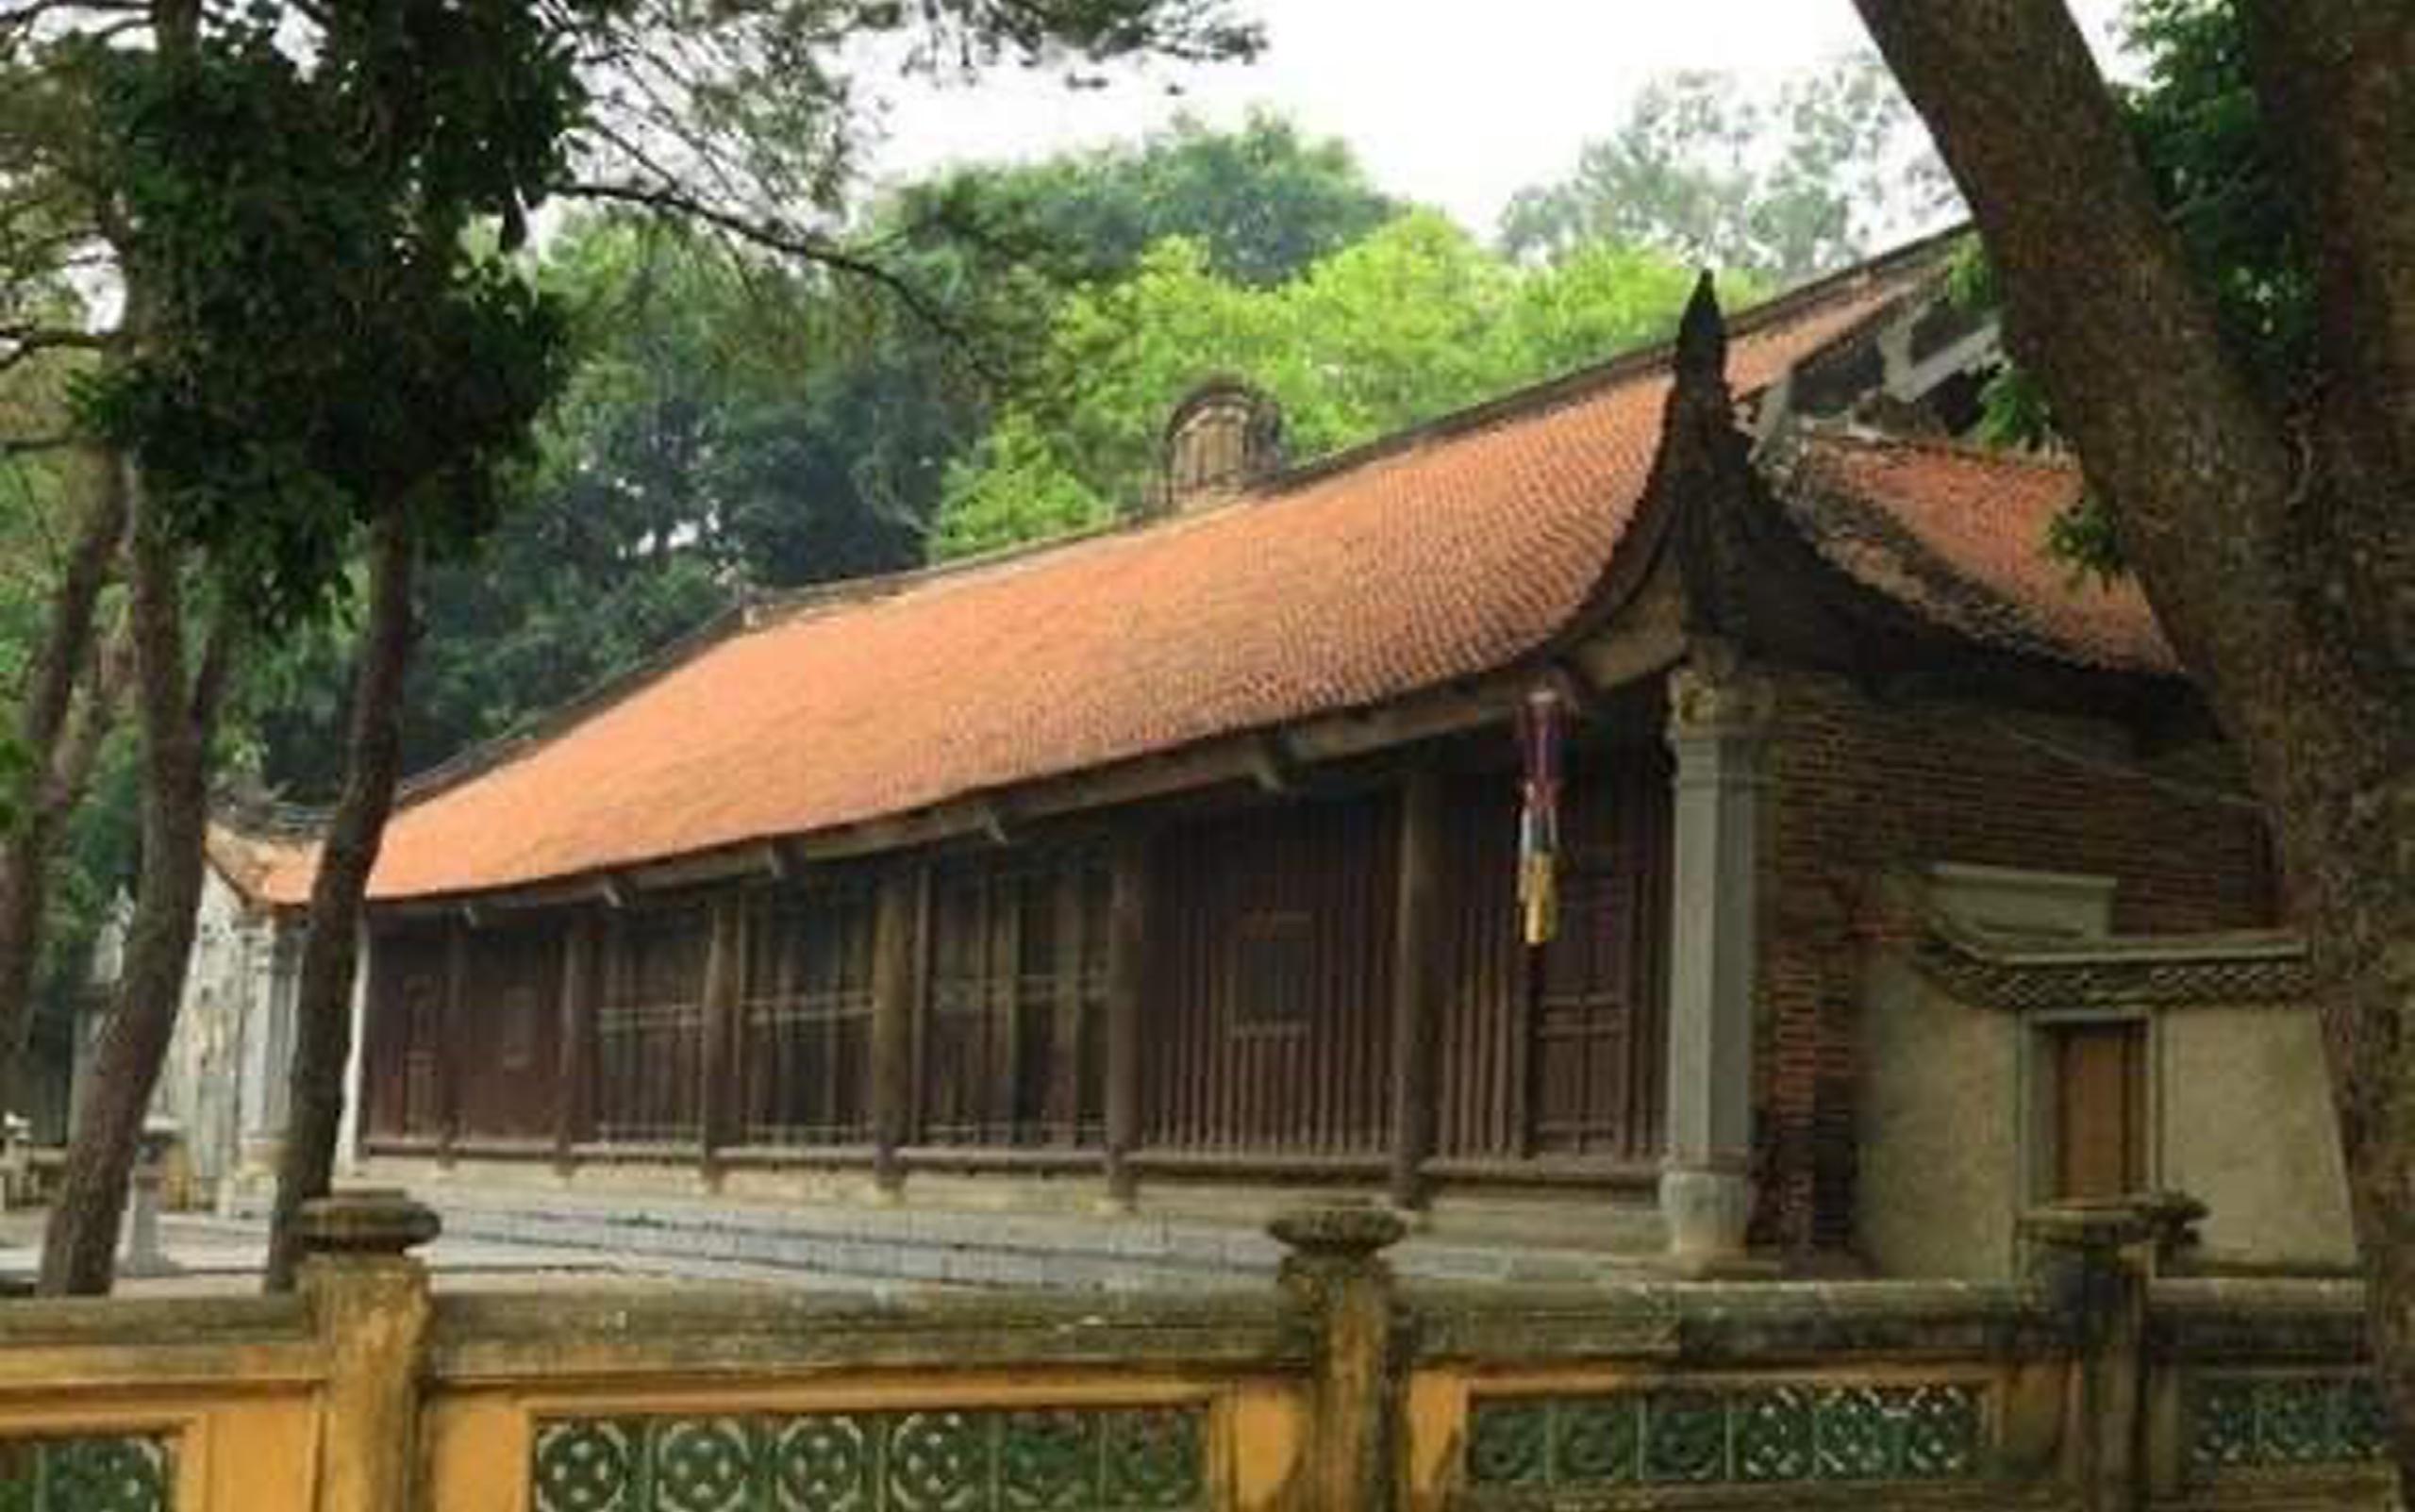 Cấp phép khai quật khảo cổ tại chùa Bình Long